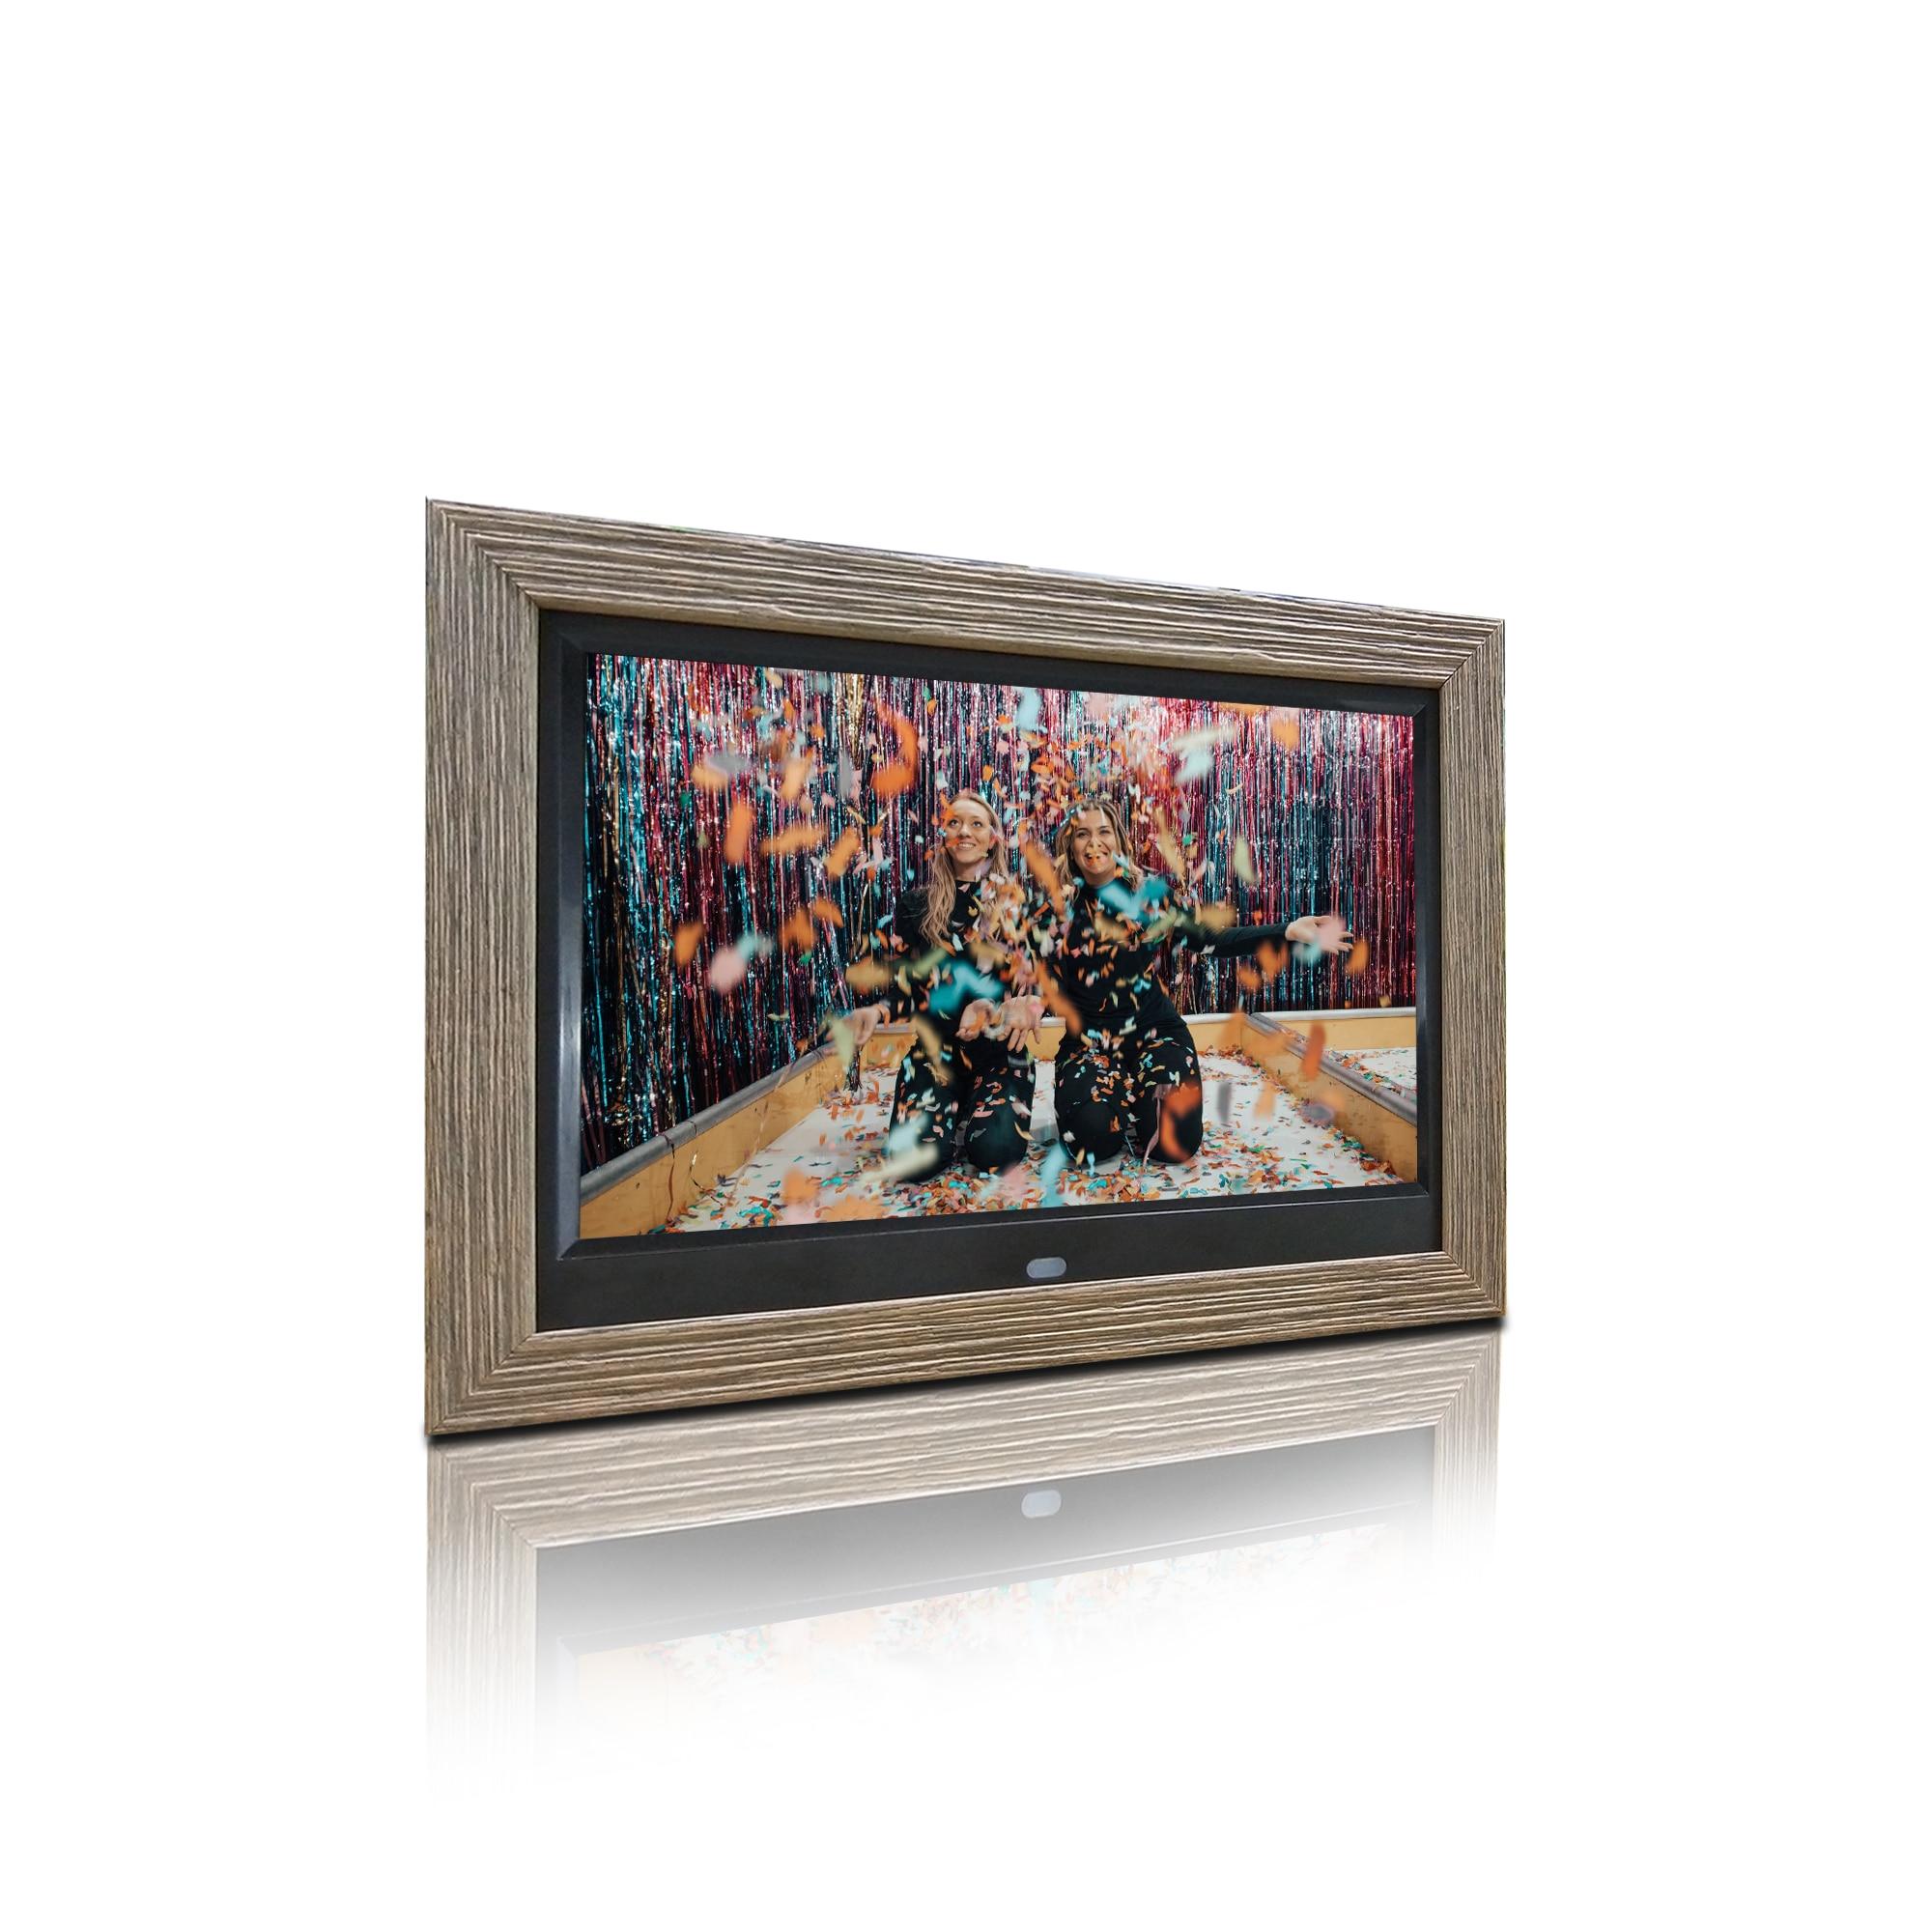 10 polegada IPS ângulo de visualização completa do quadro de madeira de alta resolução 1280*800 digital photo frame frame digital da foto digital álbum de fotos